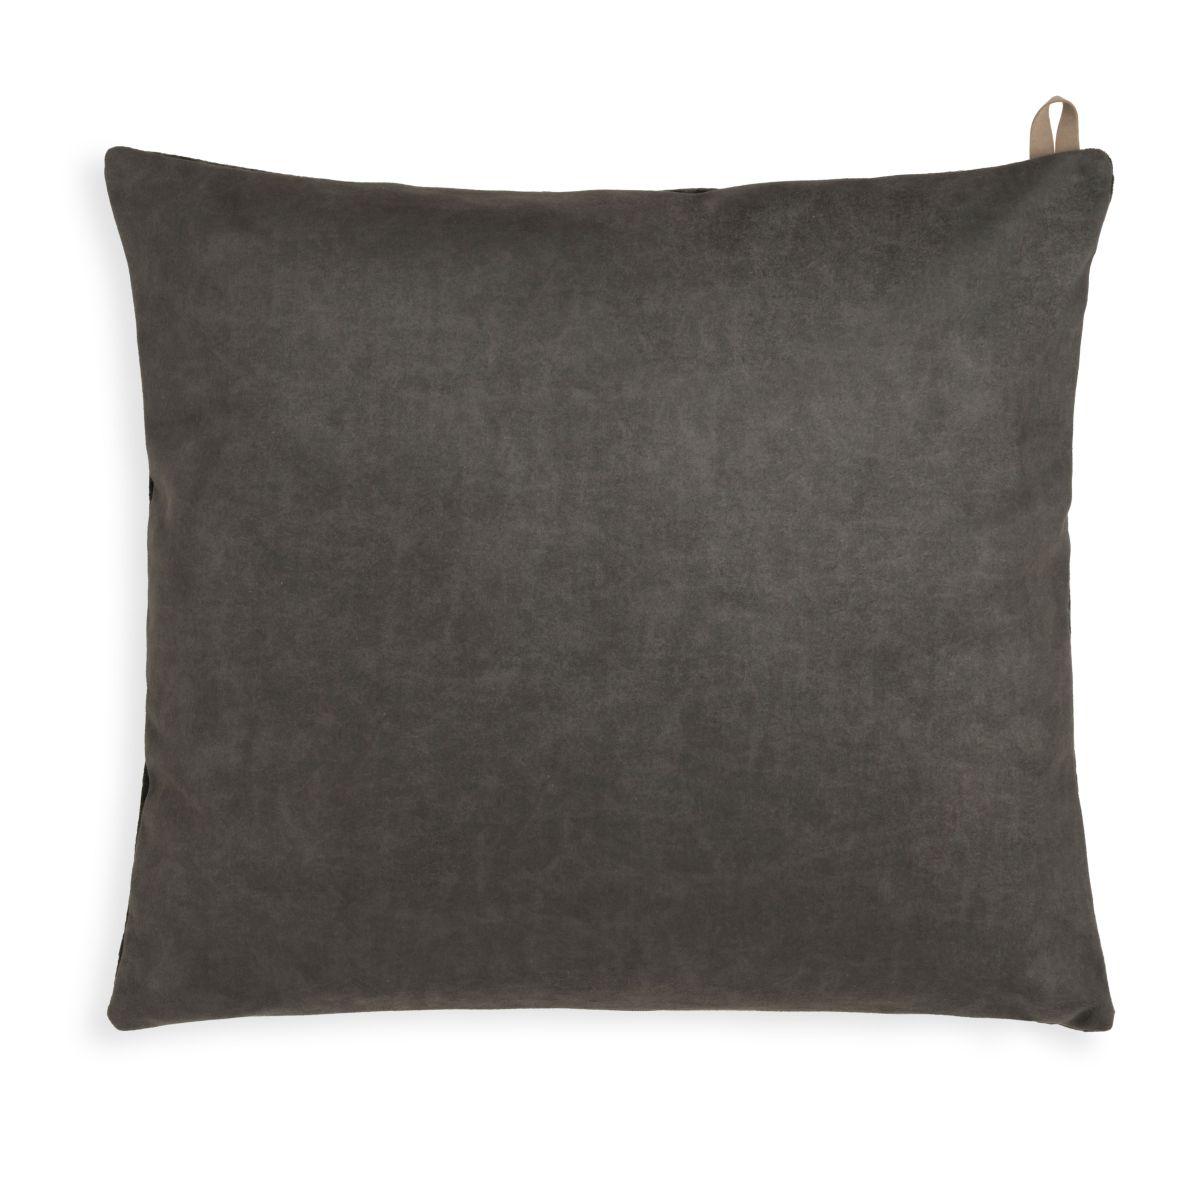 knit factory kf149012037 beau kussen donkerbruin 50x50 2